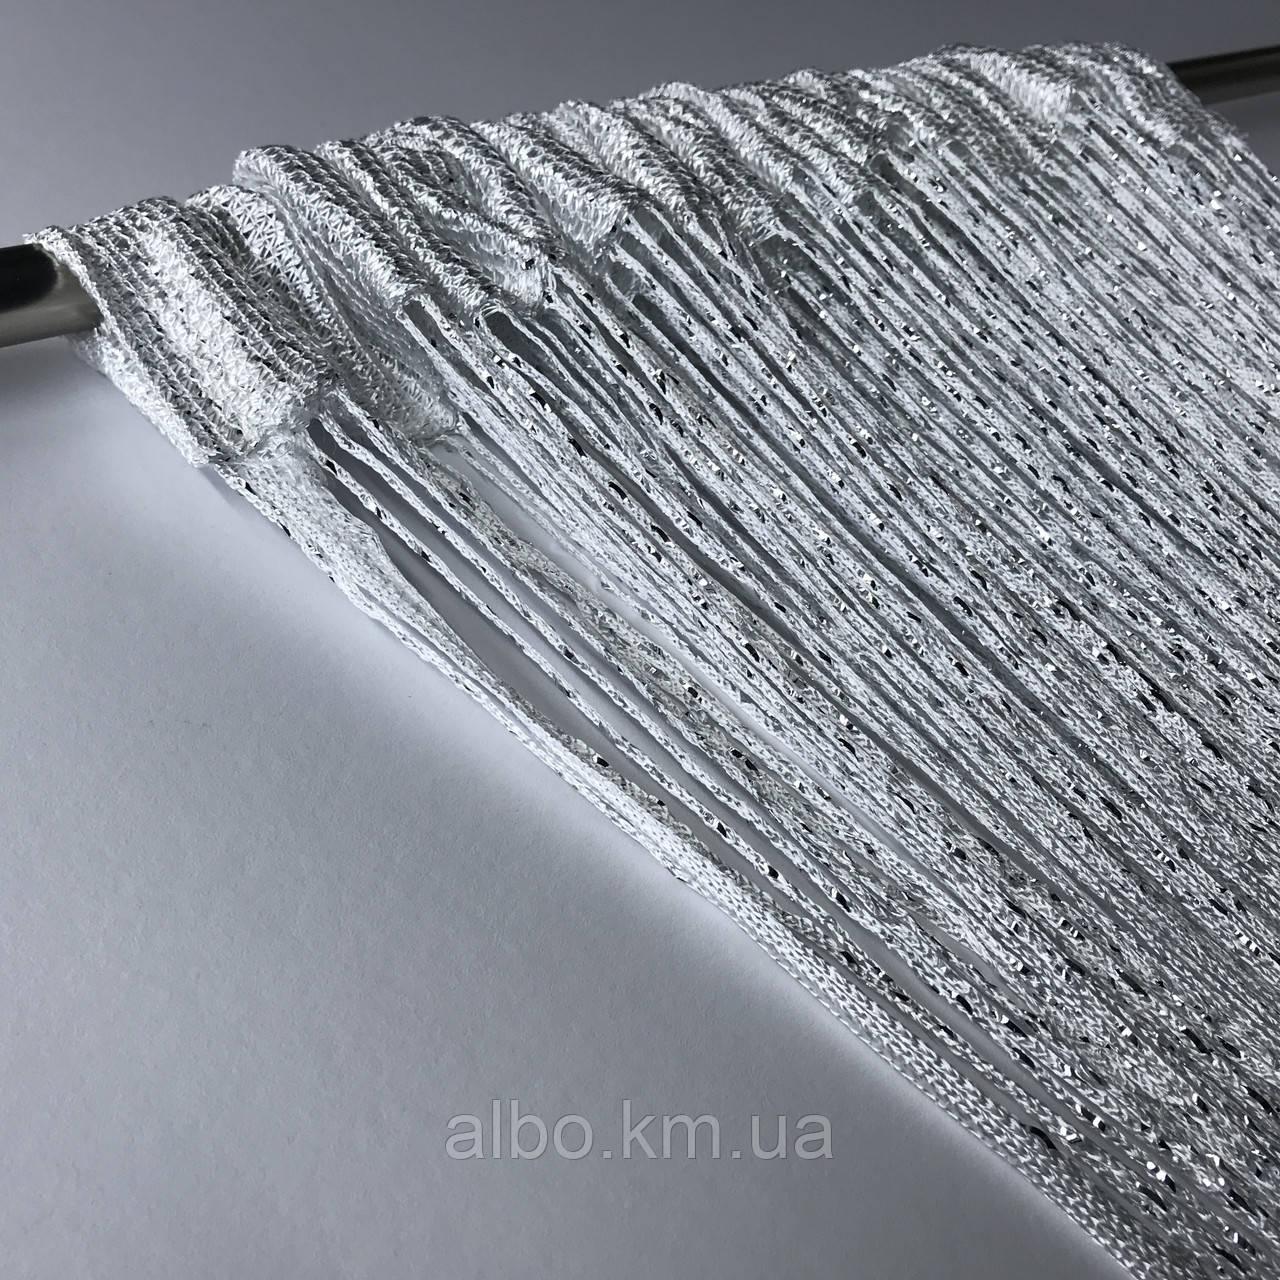 Нитевая тюль с люрексом 300x280 cm Белые (NL-7)